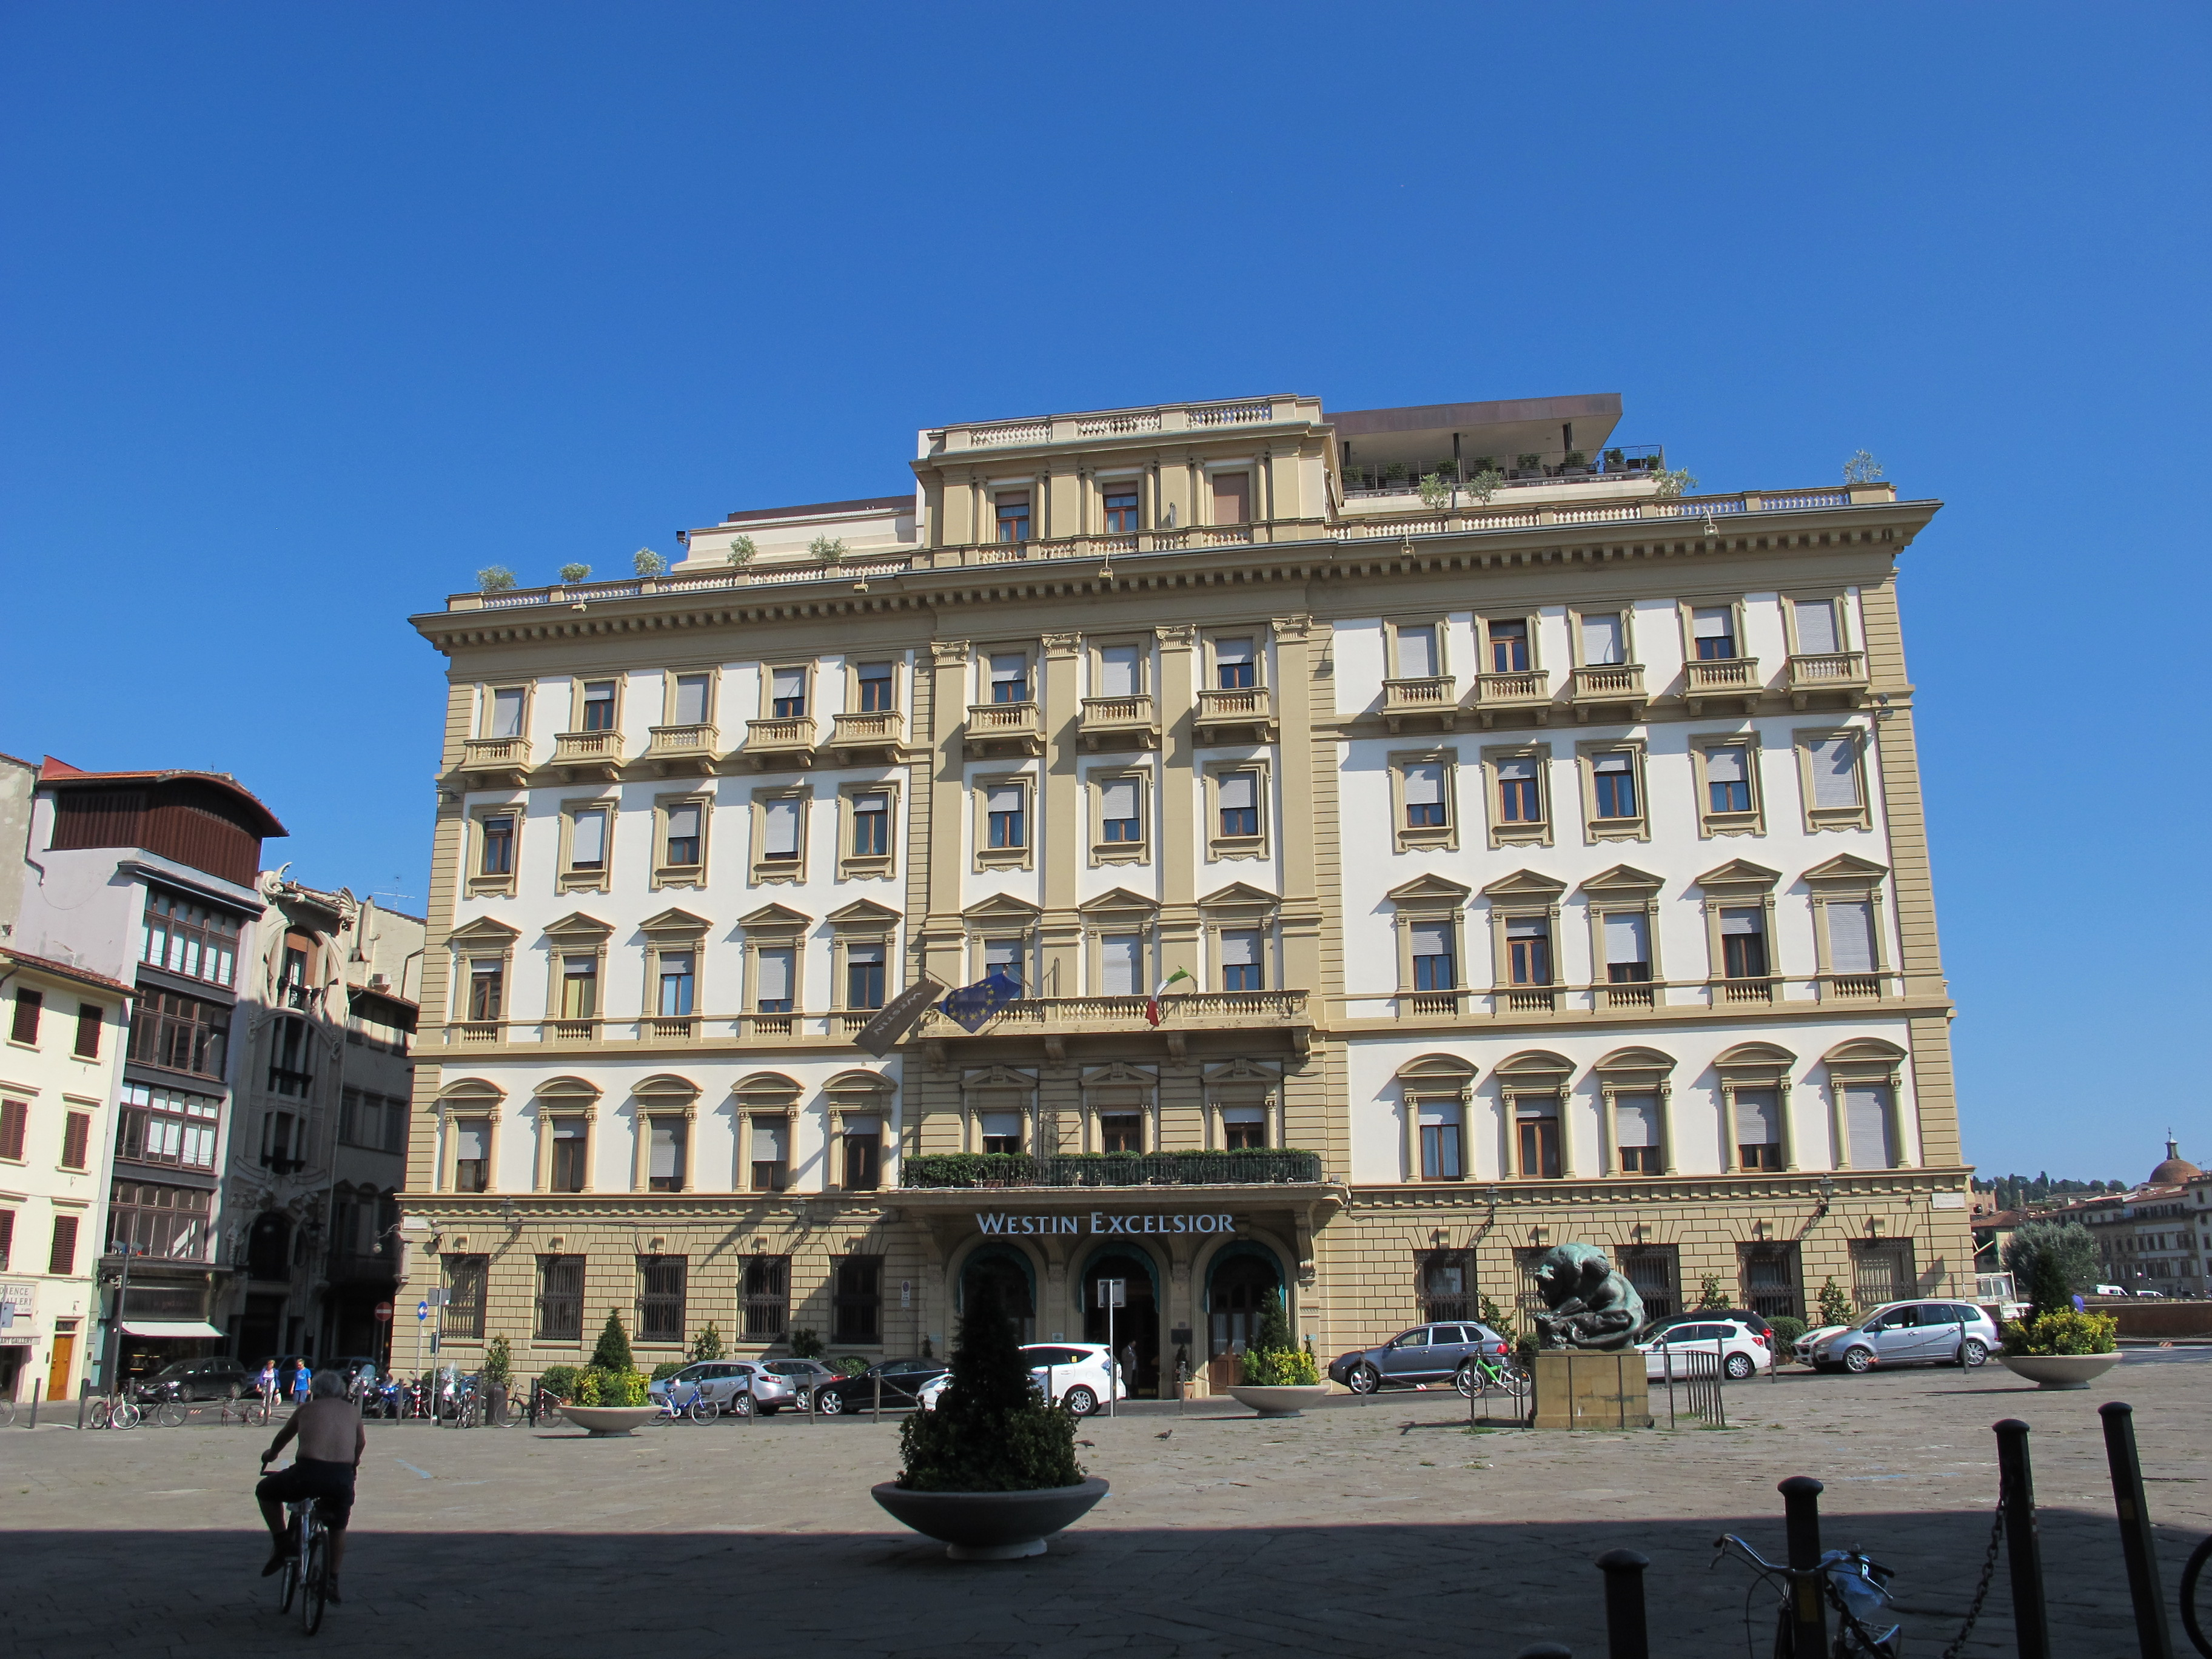 Hotel Regis Firenze